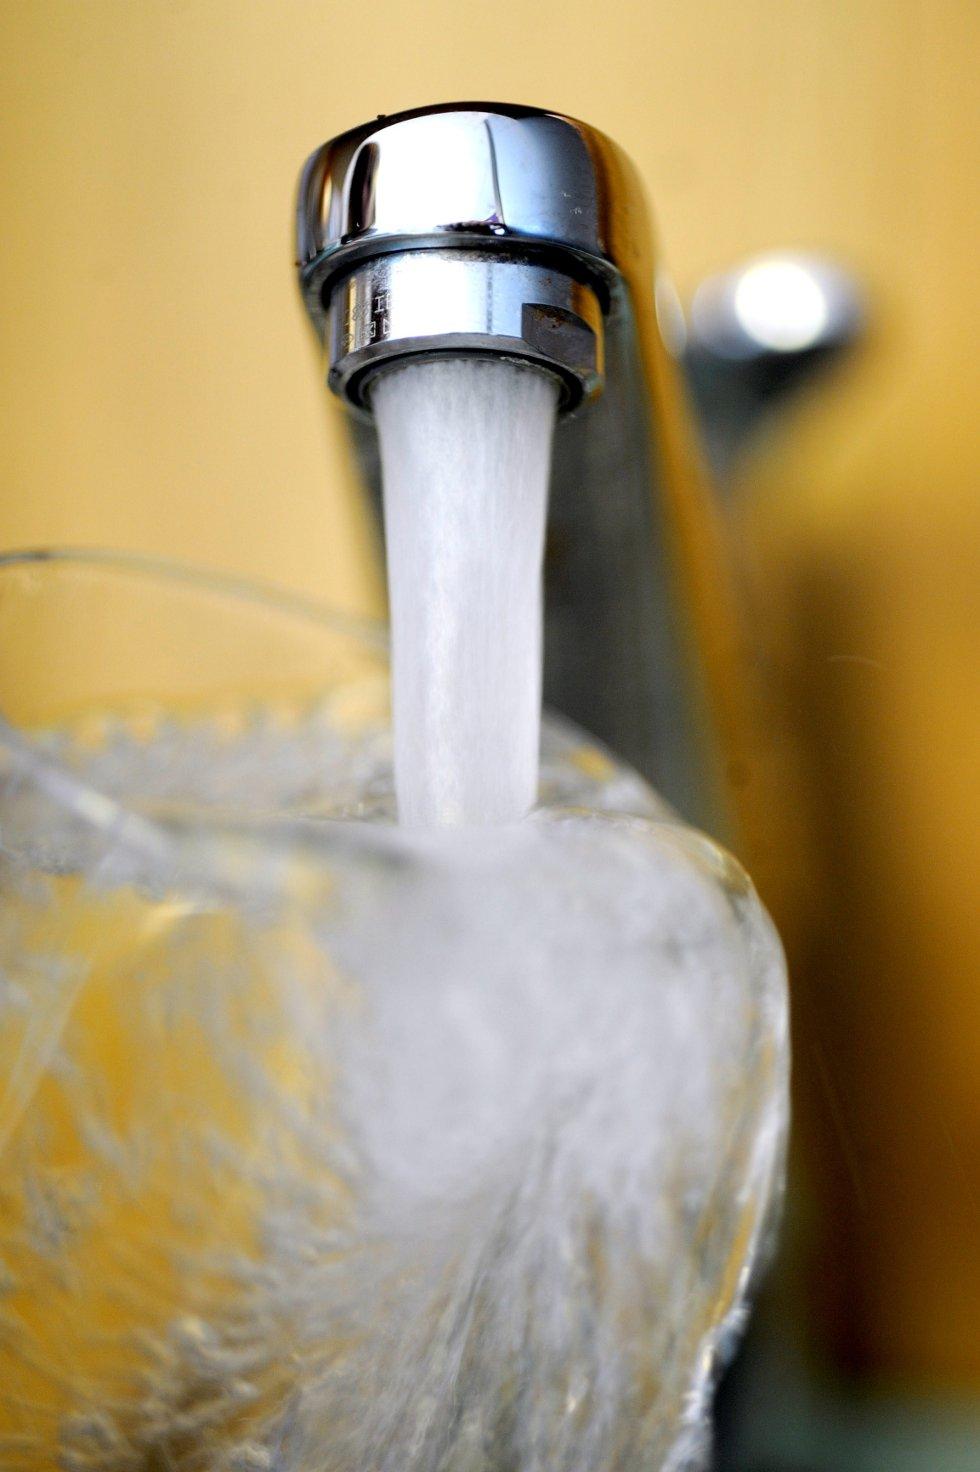 Beboerne i 600 husstander i Sandefjord må koke vannet i alle fall fram til midt på dagen 17. mai.